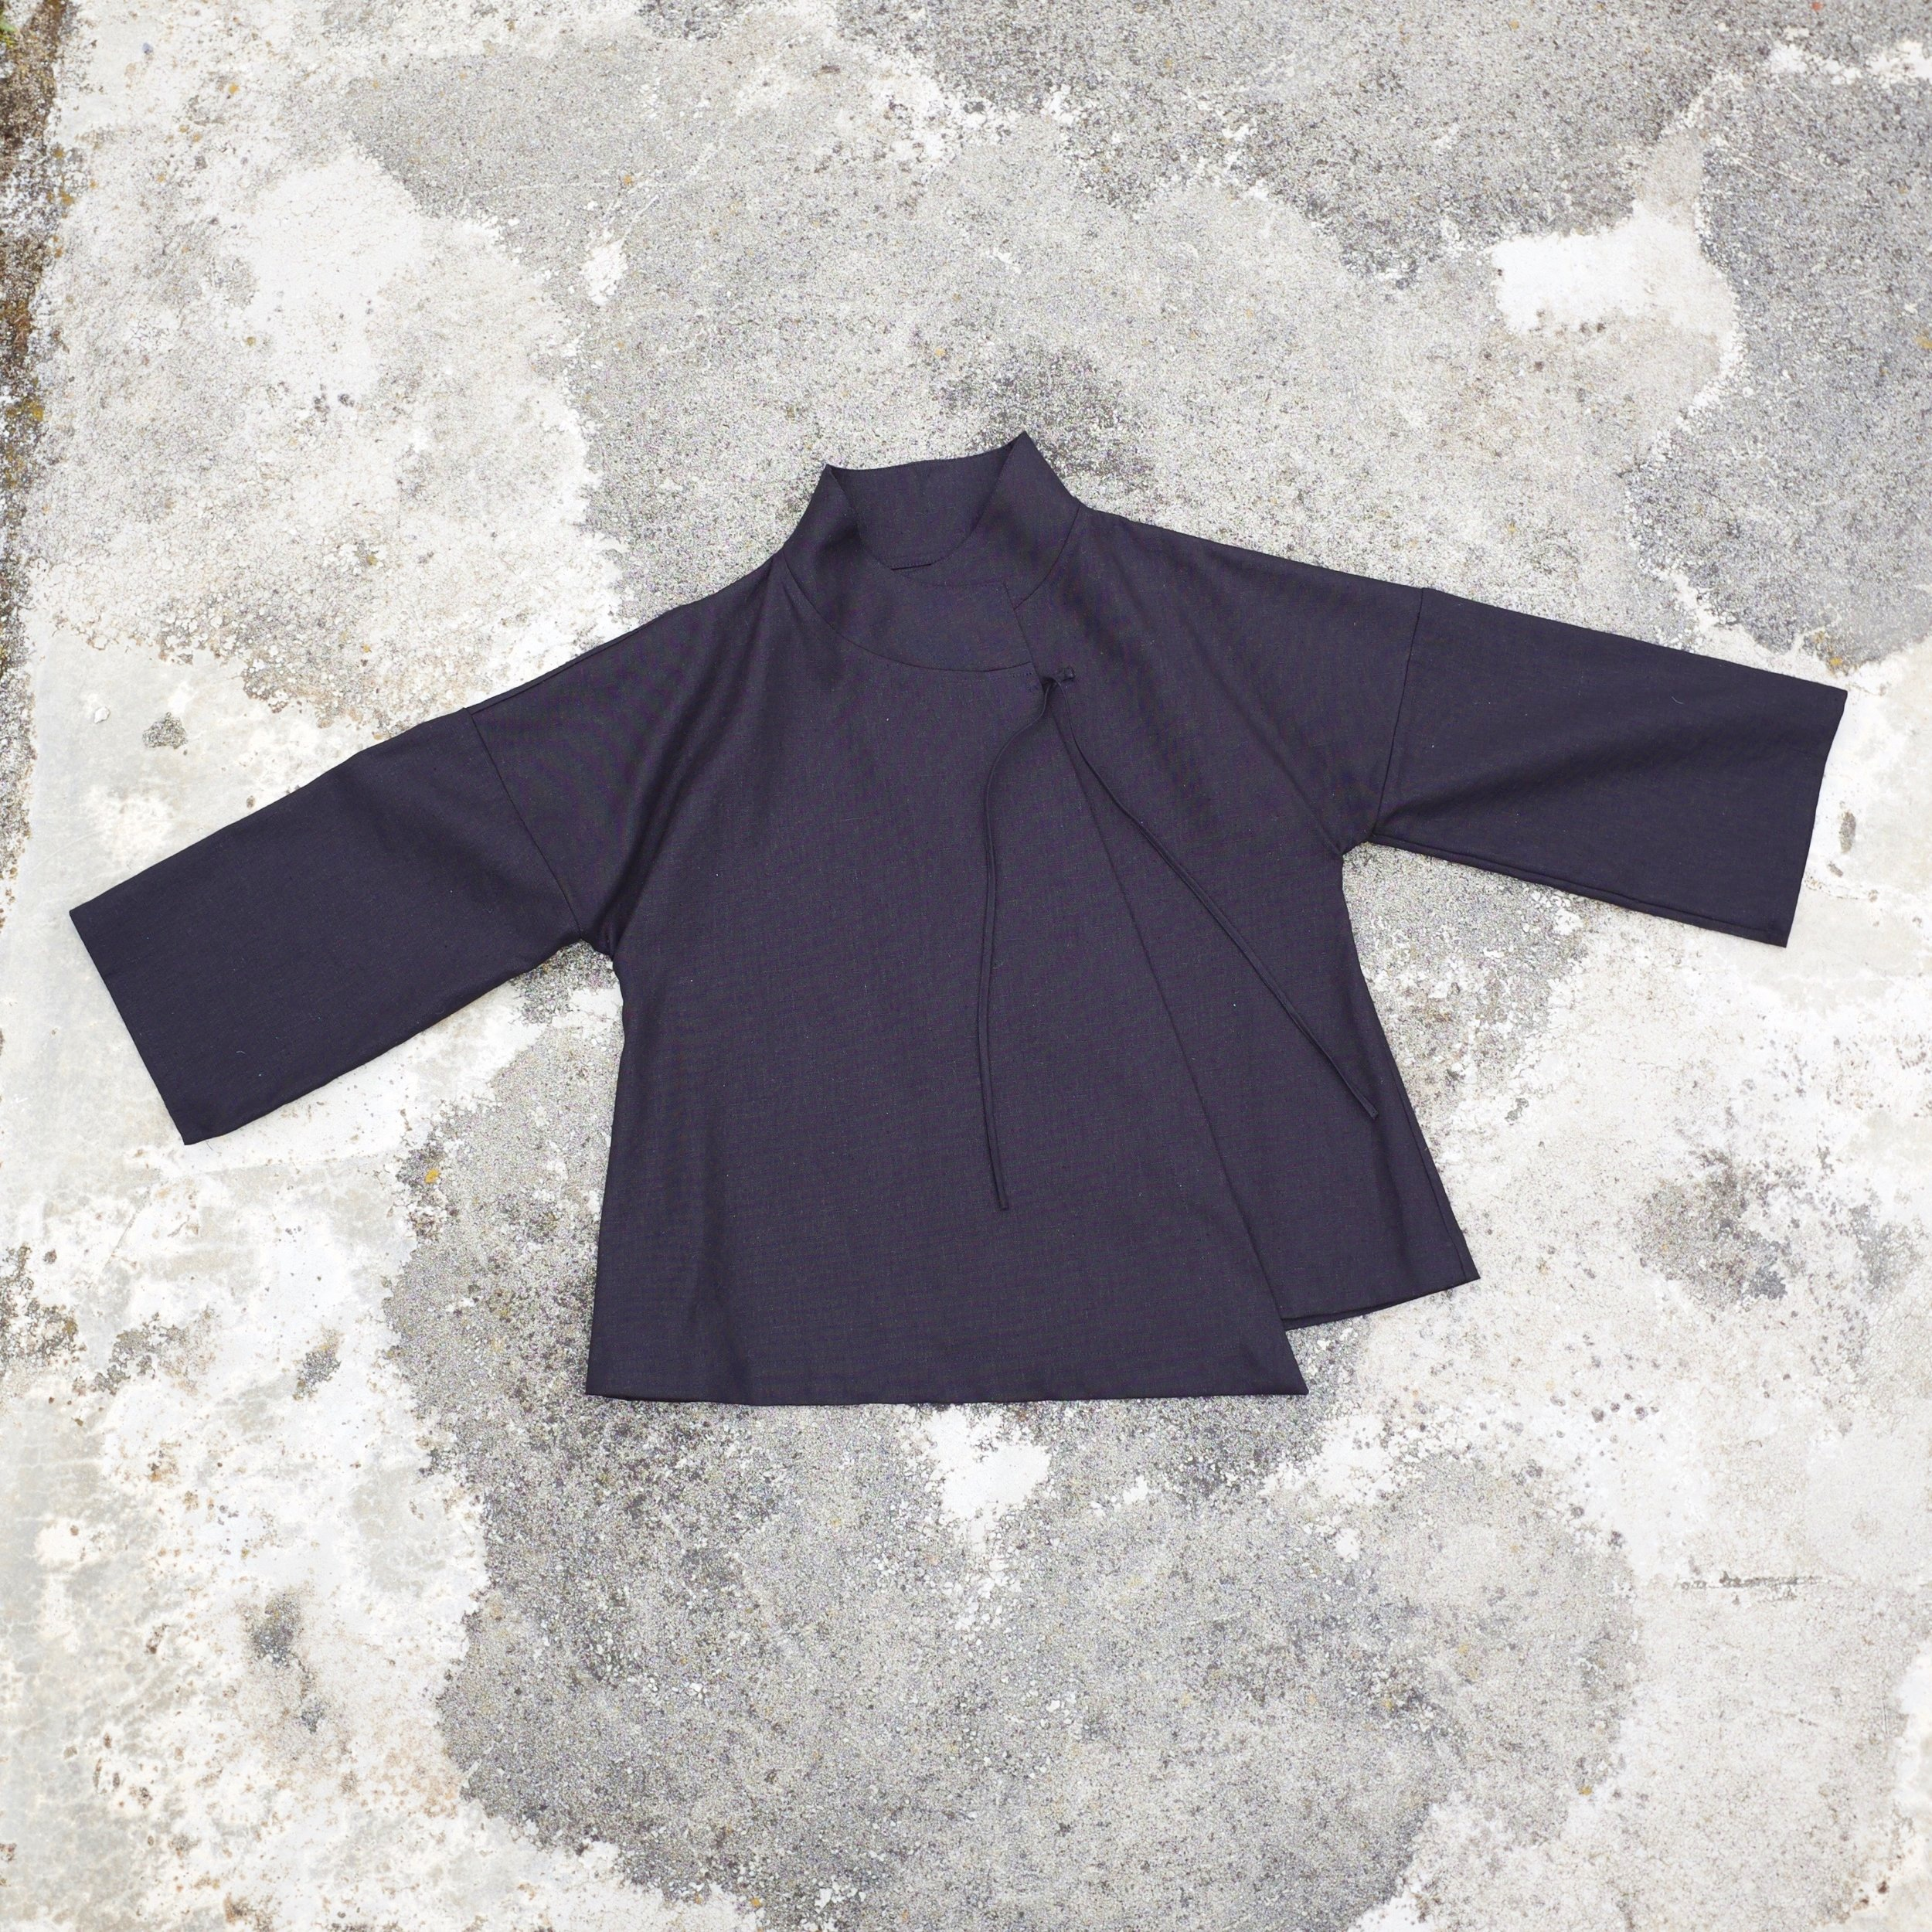 asym jacket